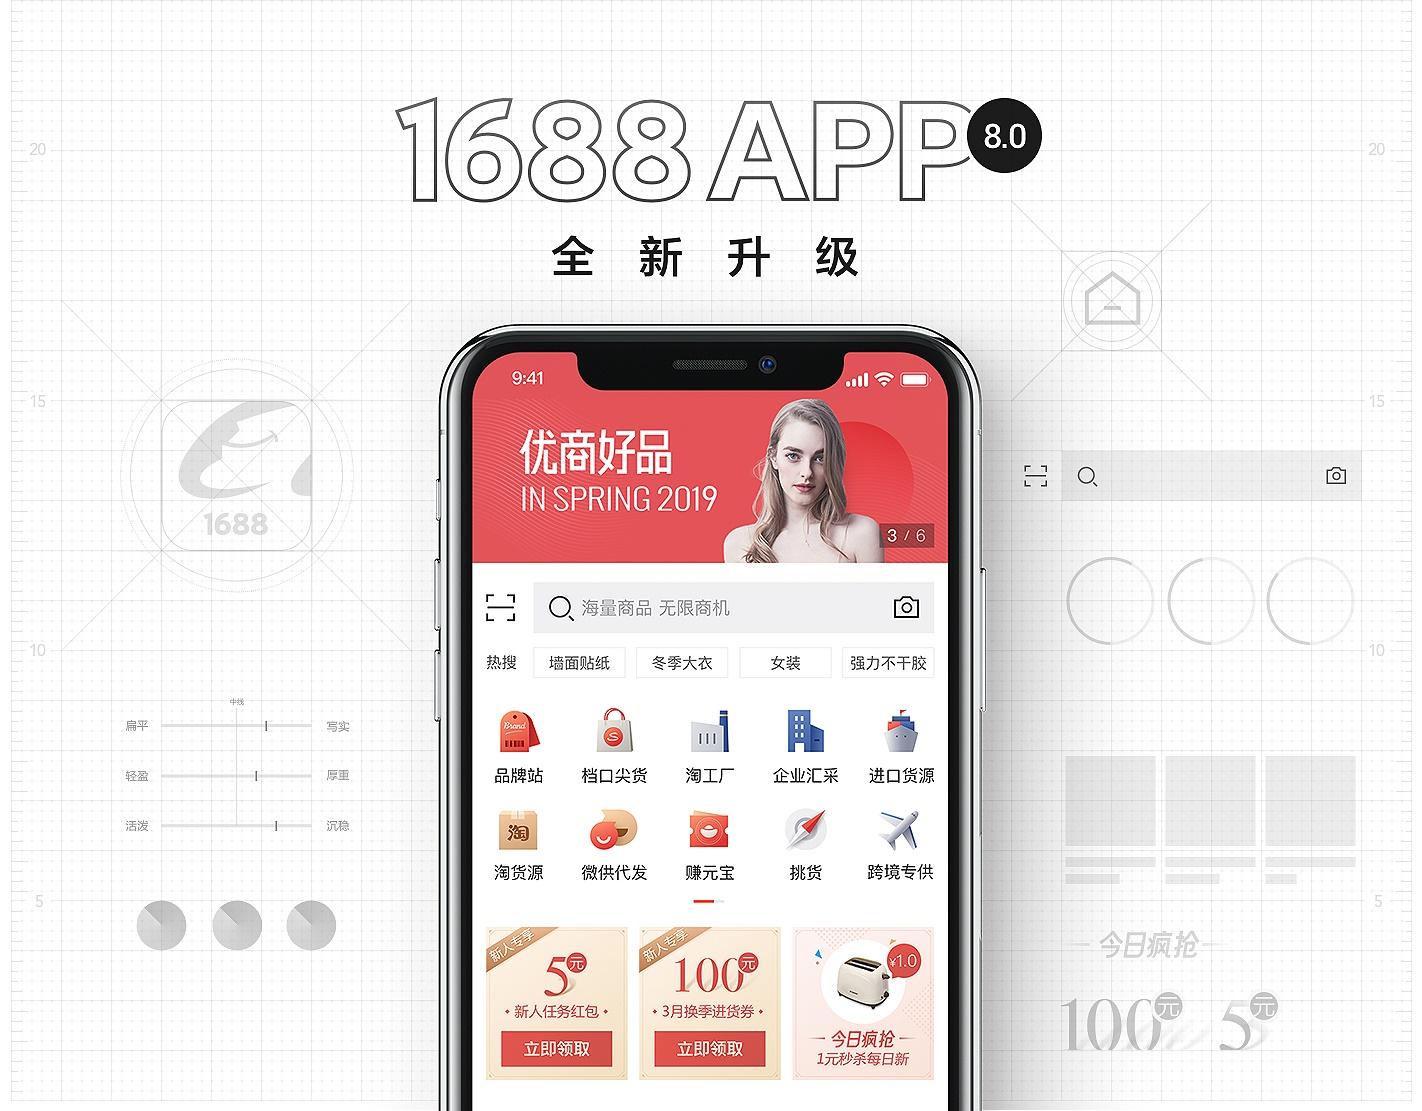 揭秘阿里巴巴APP 8.0 视觉品牌升级背后的设计思路